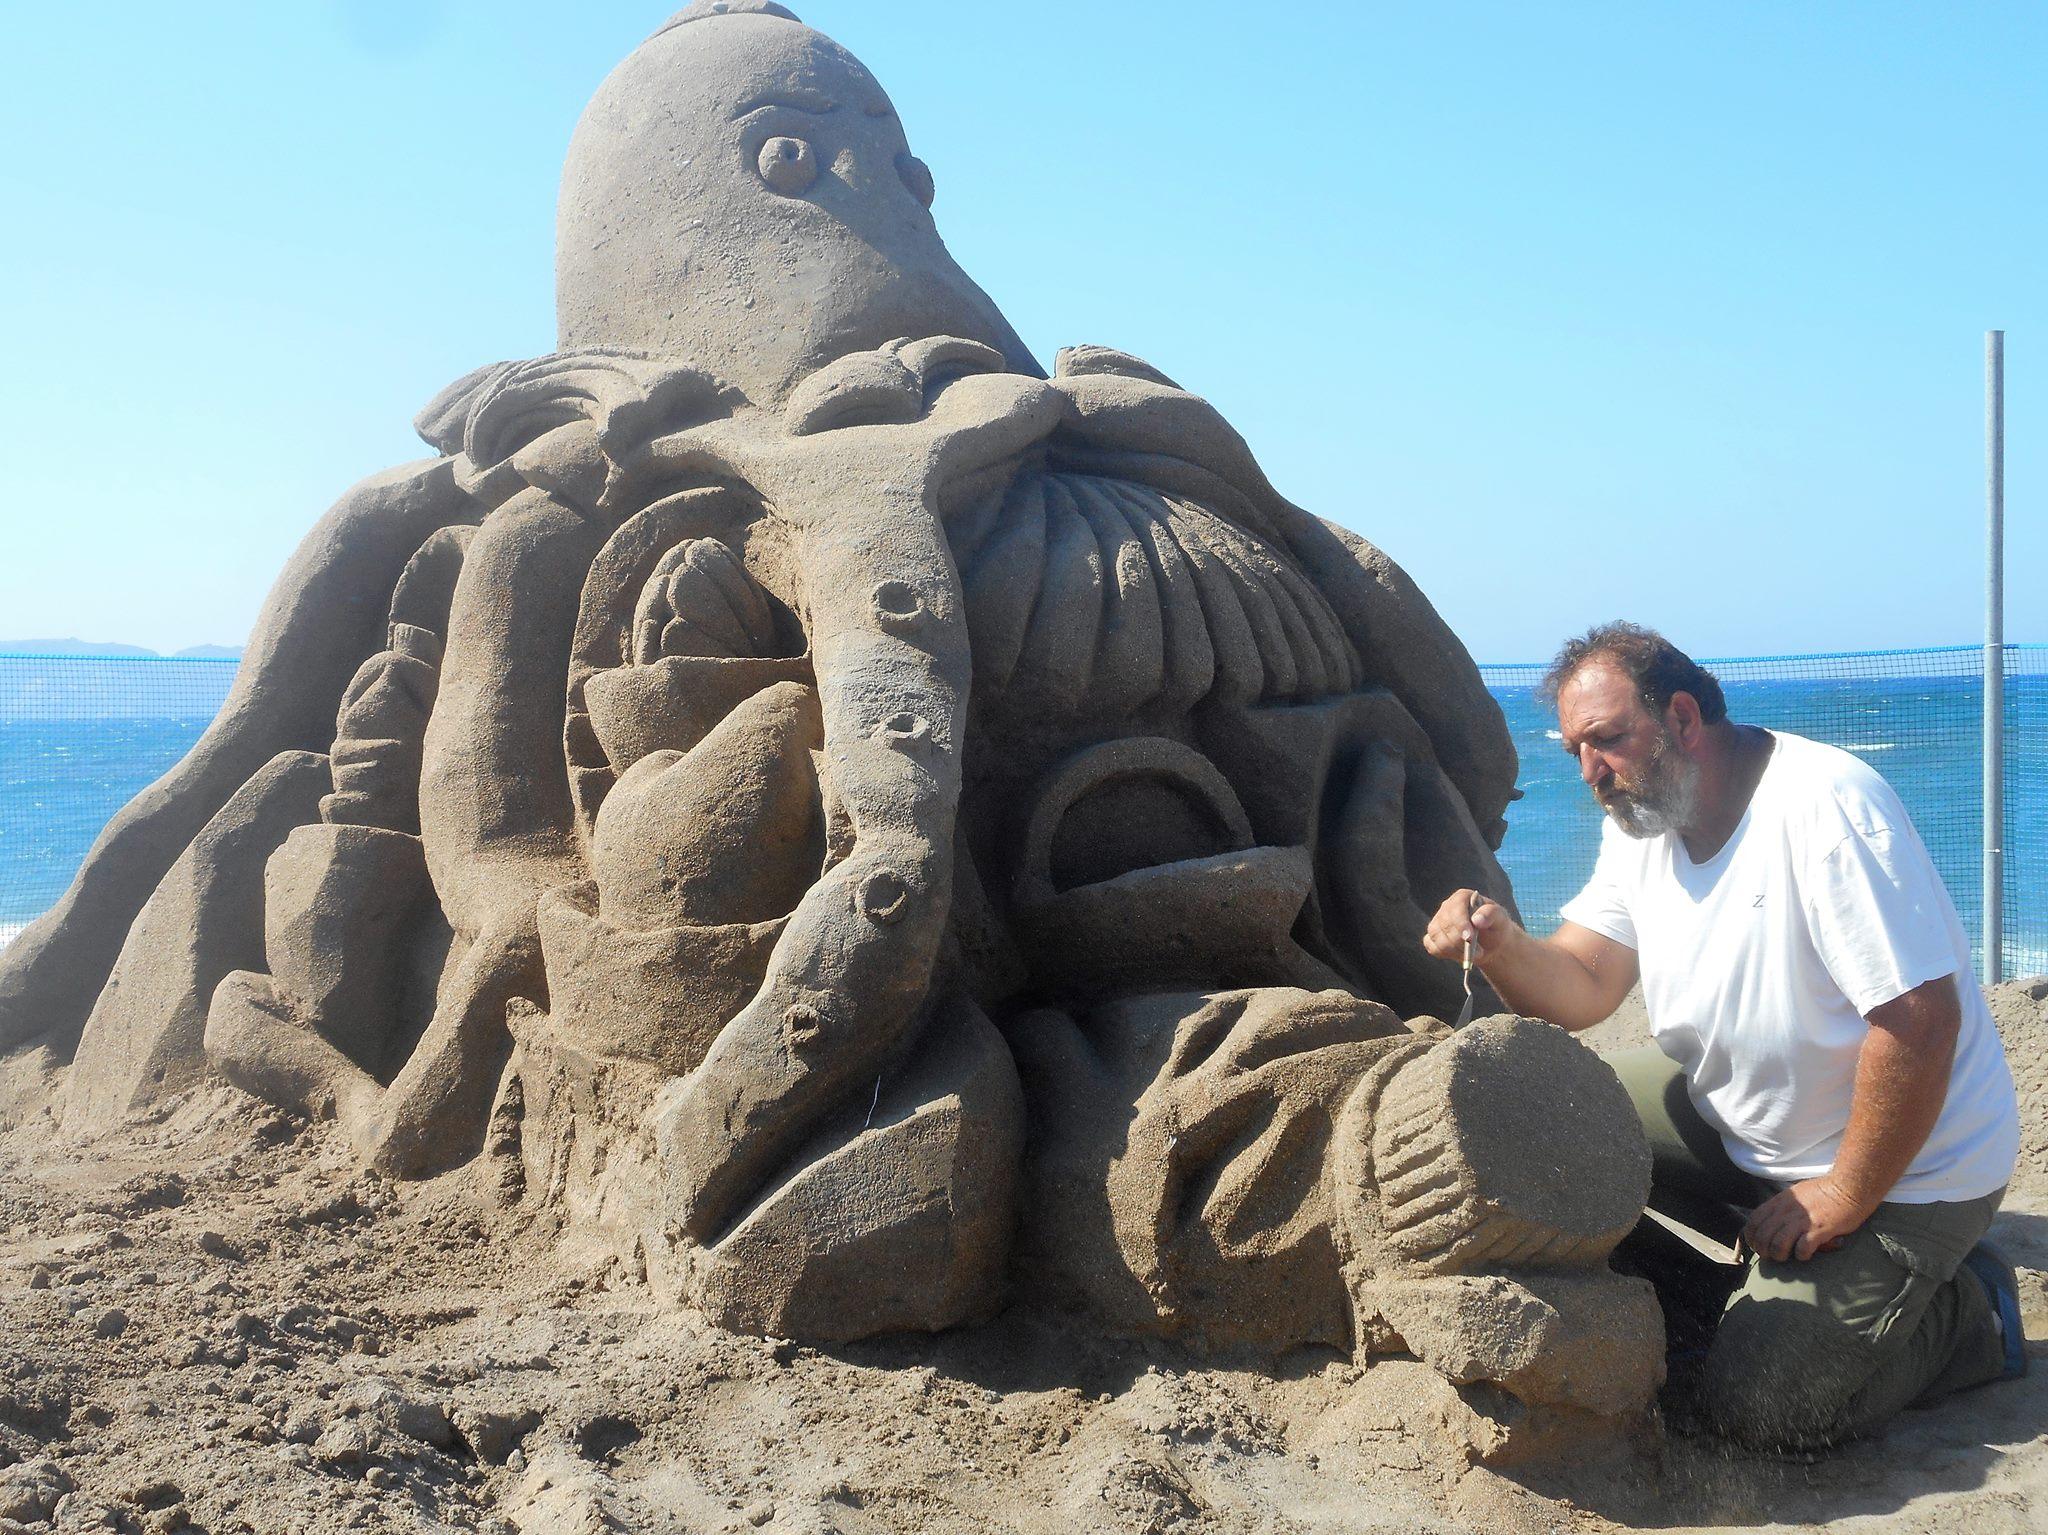 Φεστιβάλ γλυπτικής στην άμμο για 3η χρονιά στην Αμμουδάρα (pics+vids)